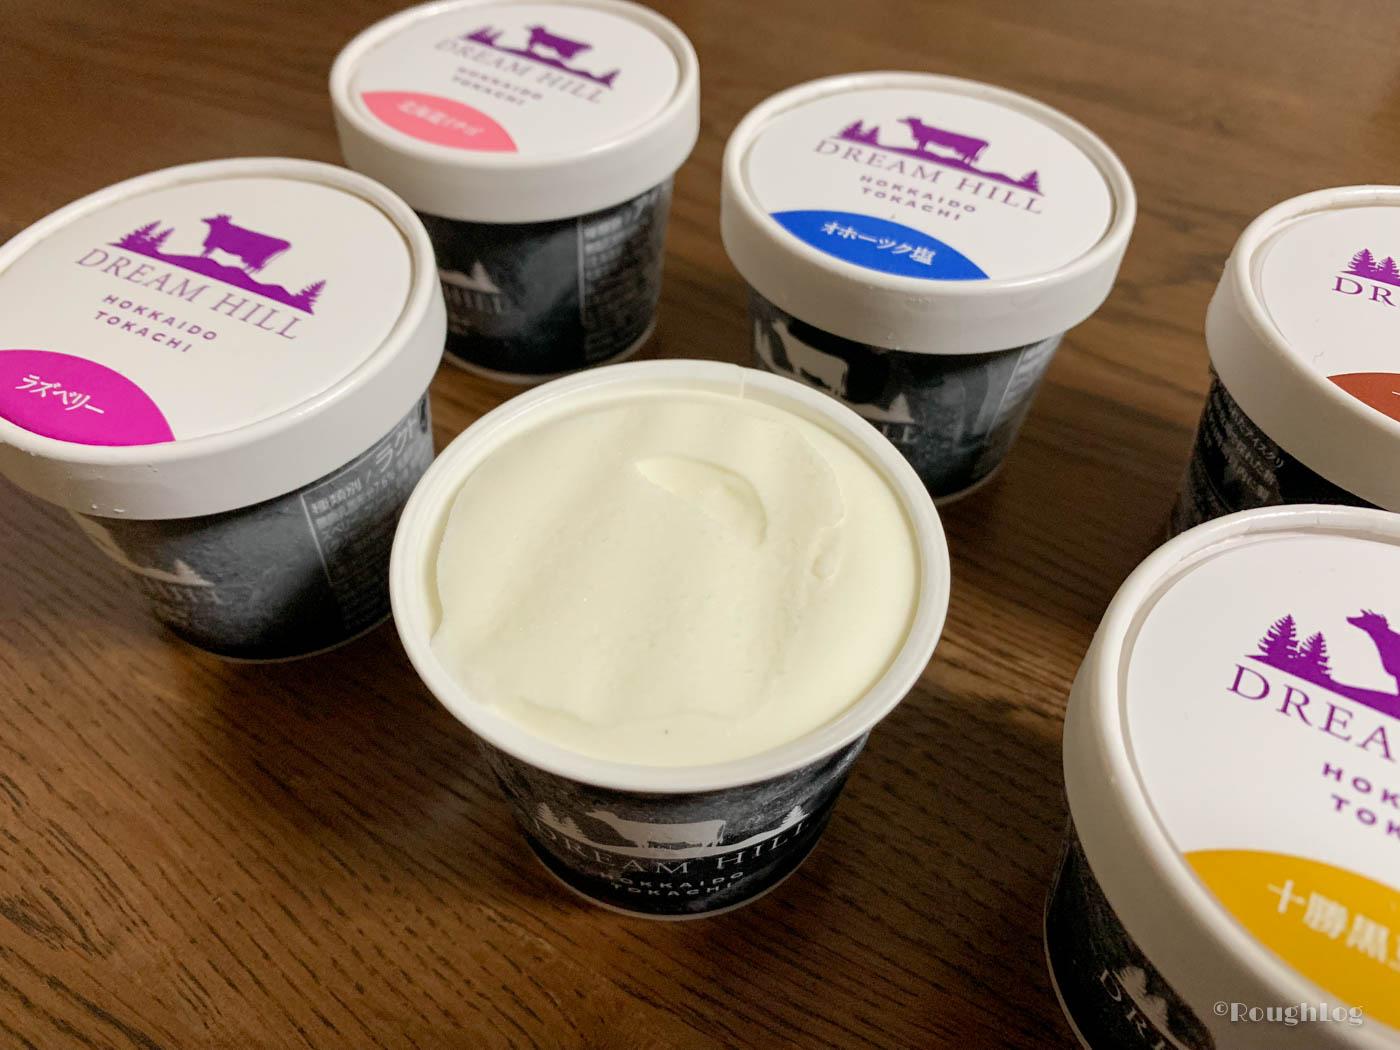 ドリームヒルのアイスクリーム十勝ミルク味